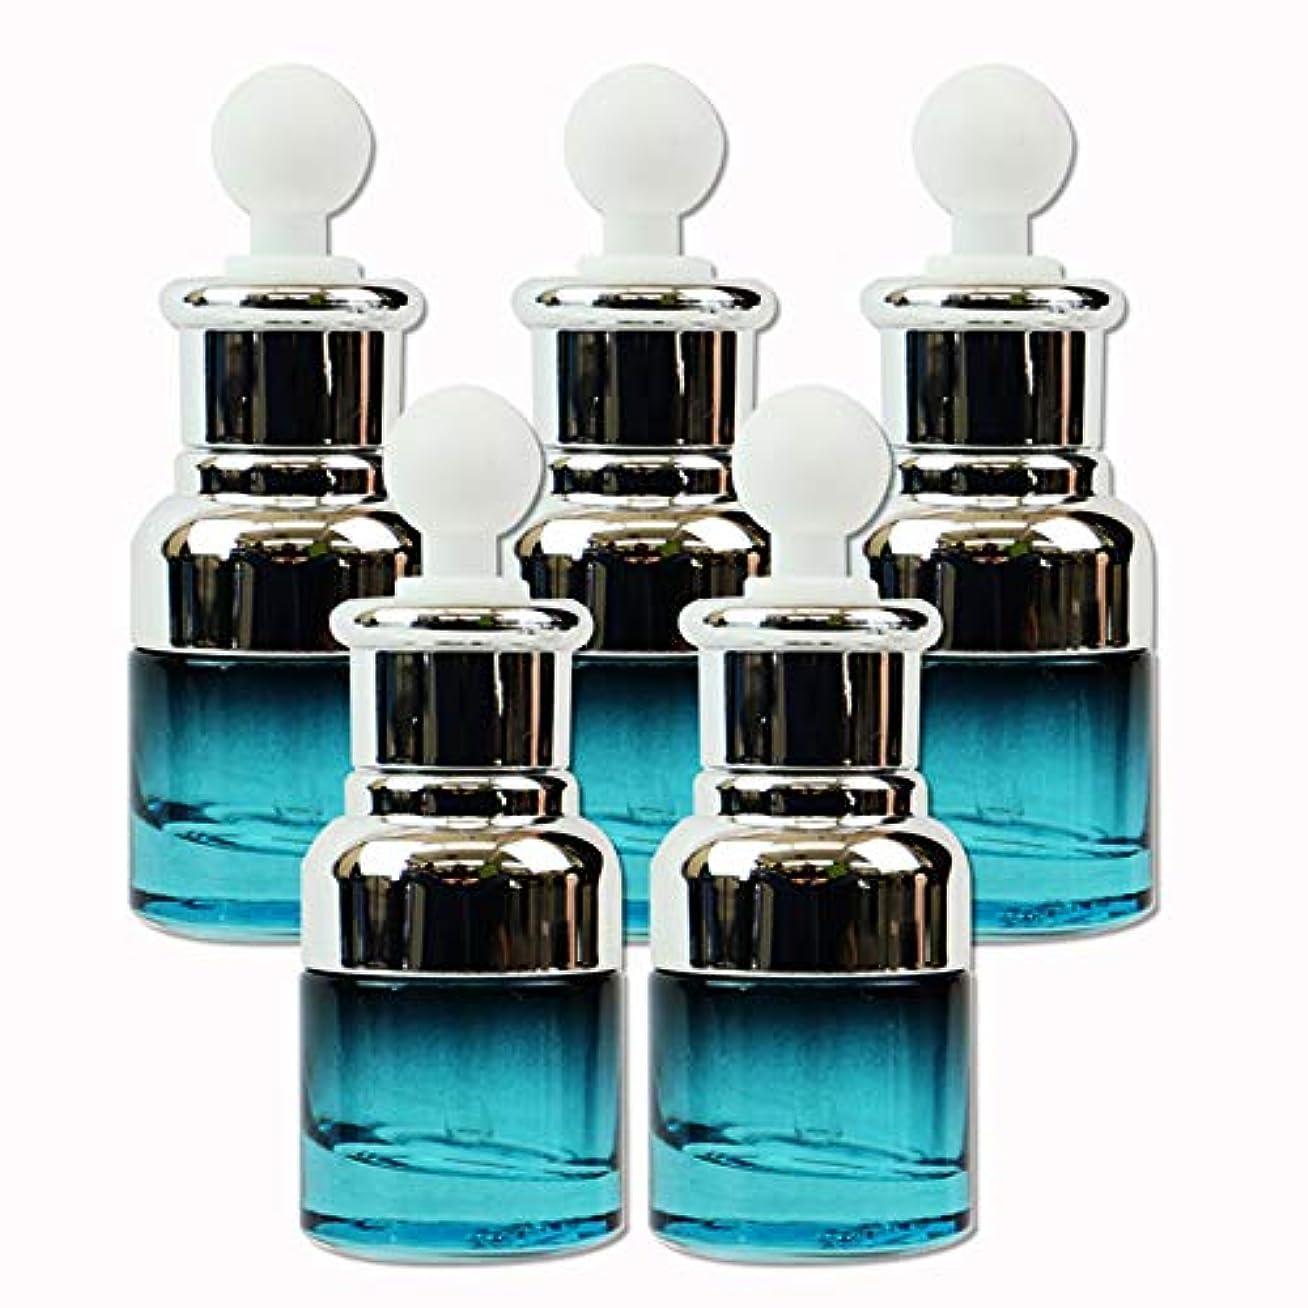 暗唱する見えるアレルギーedog ガラス製 遮光ボトル 5本セット スポイト式 20ml 香水 エッセンシャルオイル アロマ